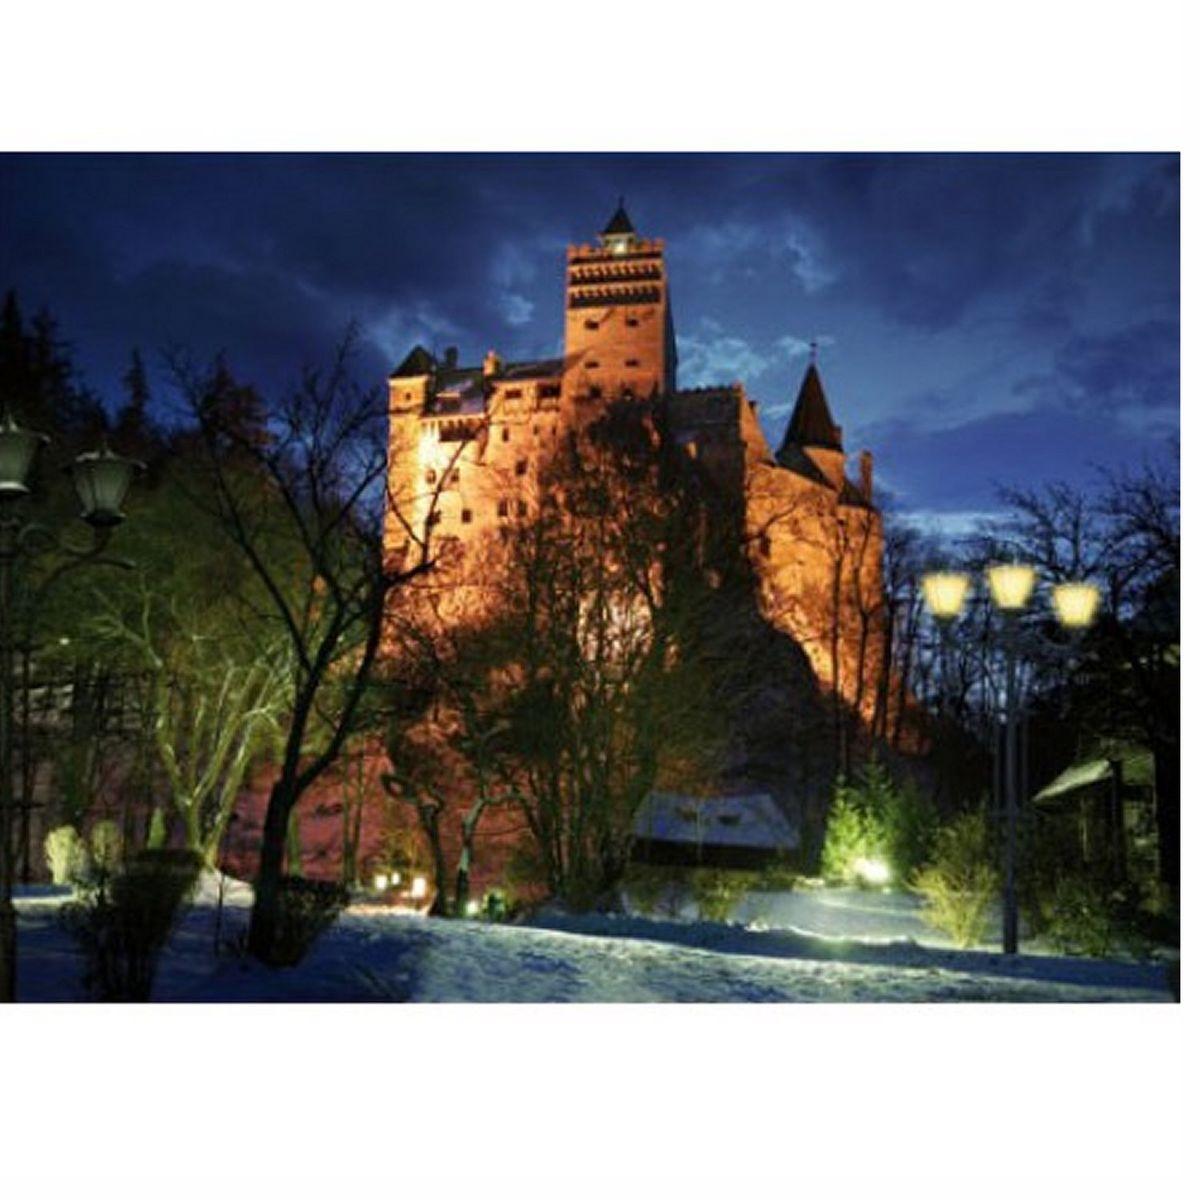 Puzzle 1000 pièces - Roumanie : Château de Bran dans la nuit